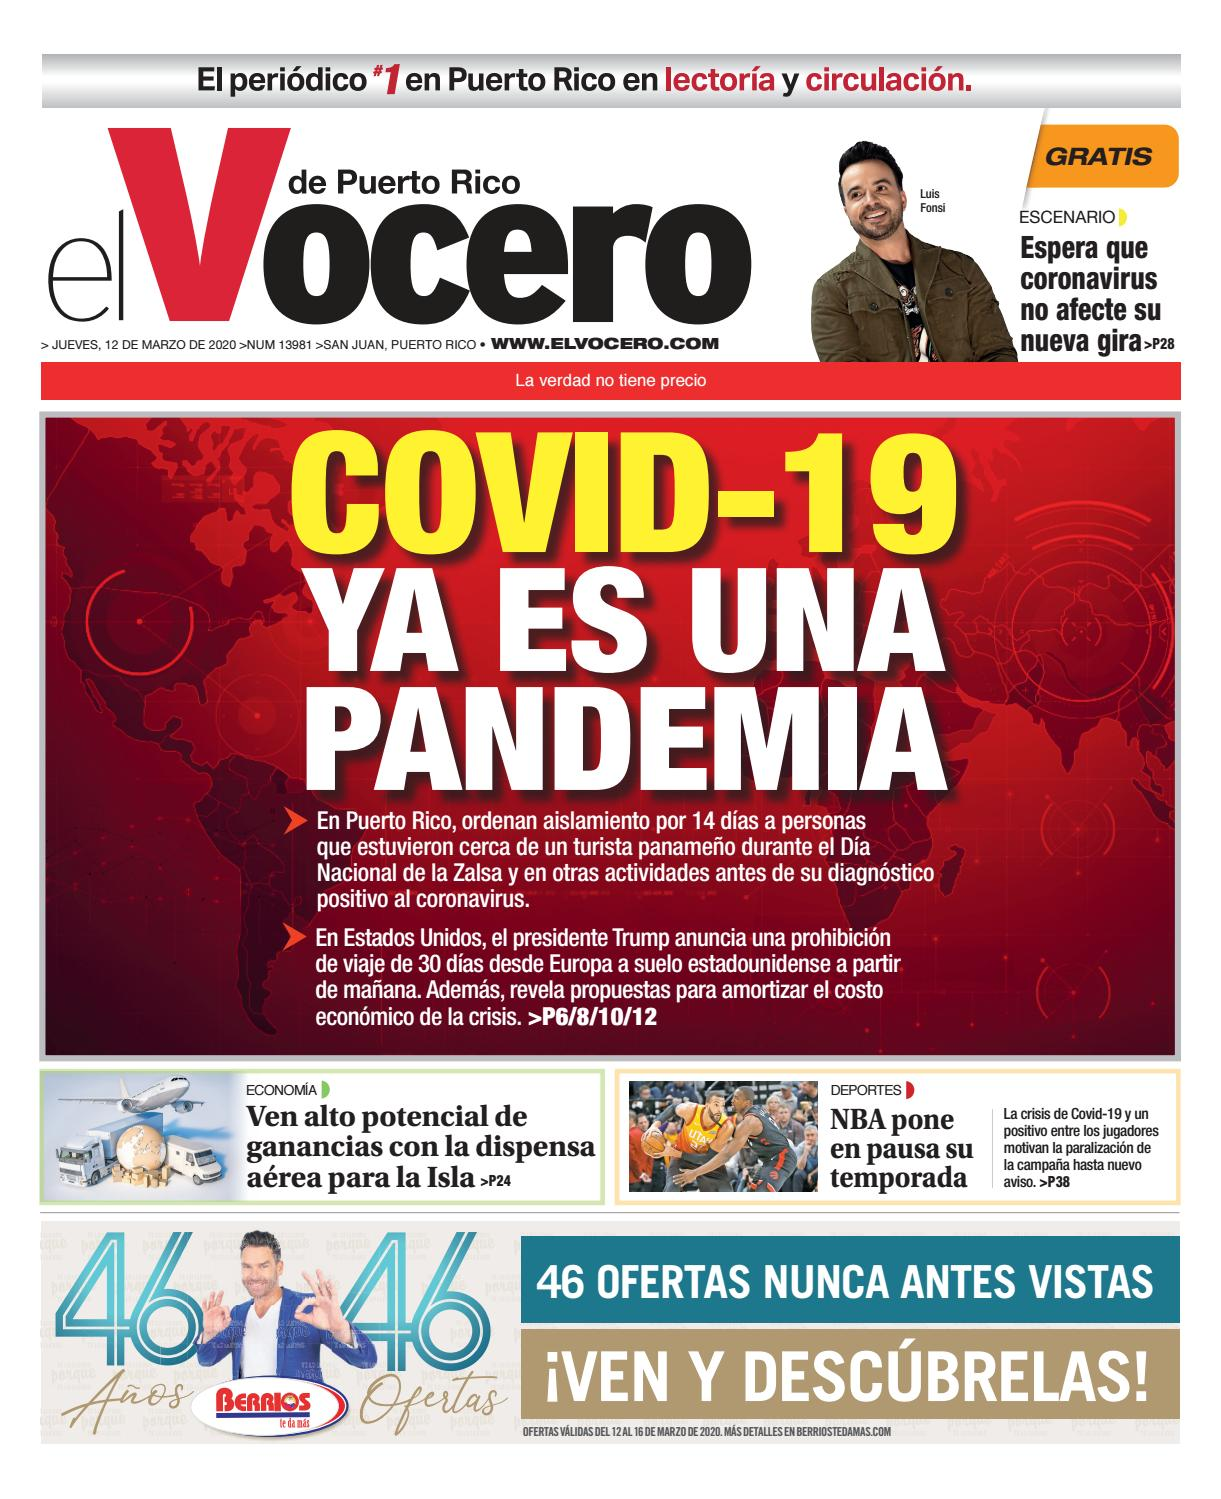 Amables Antes La Vecina edición del 12 de marzo de 2020el vocero de puerto rico